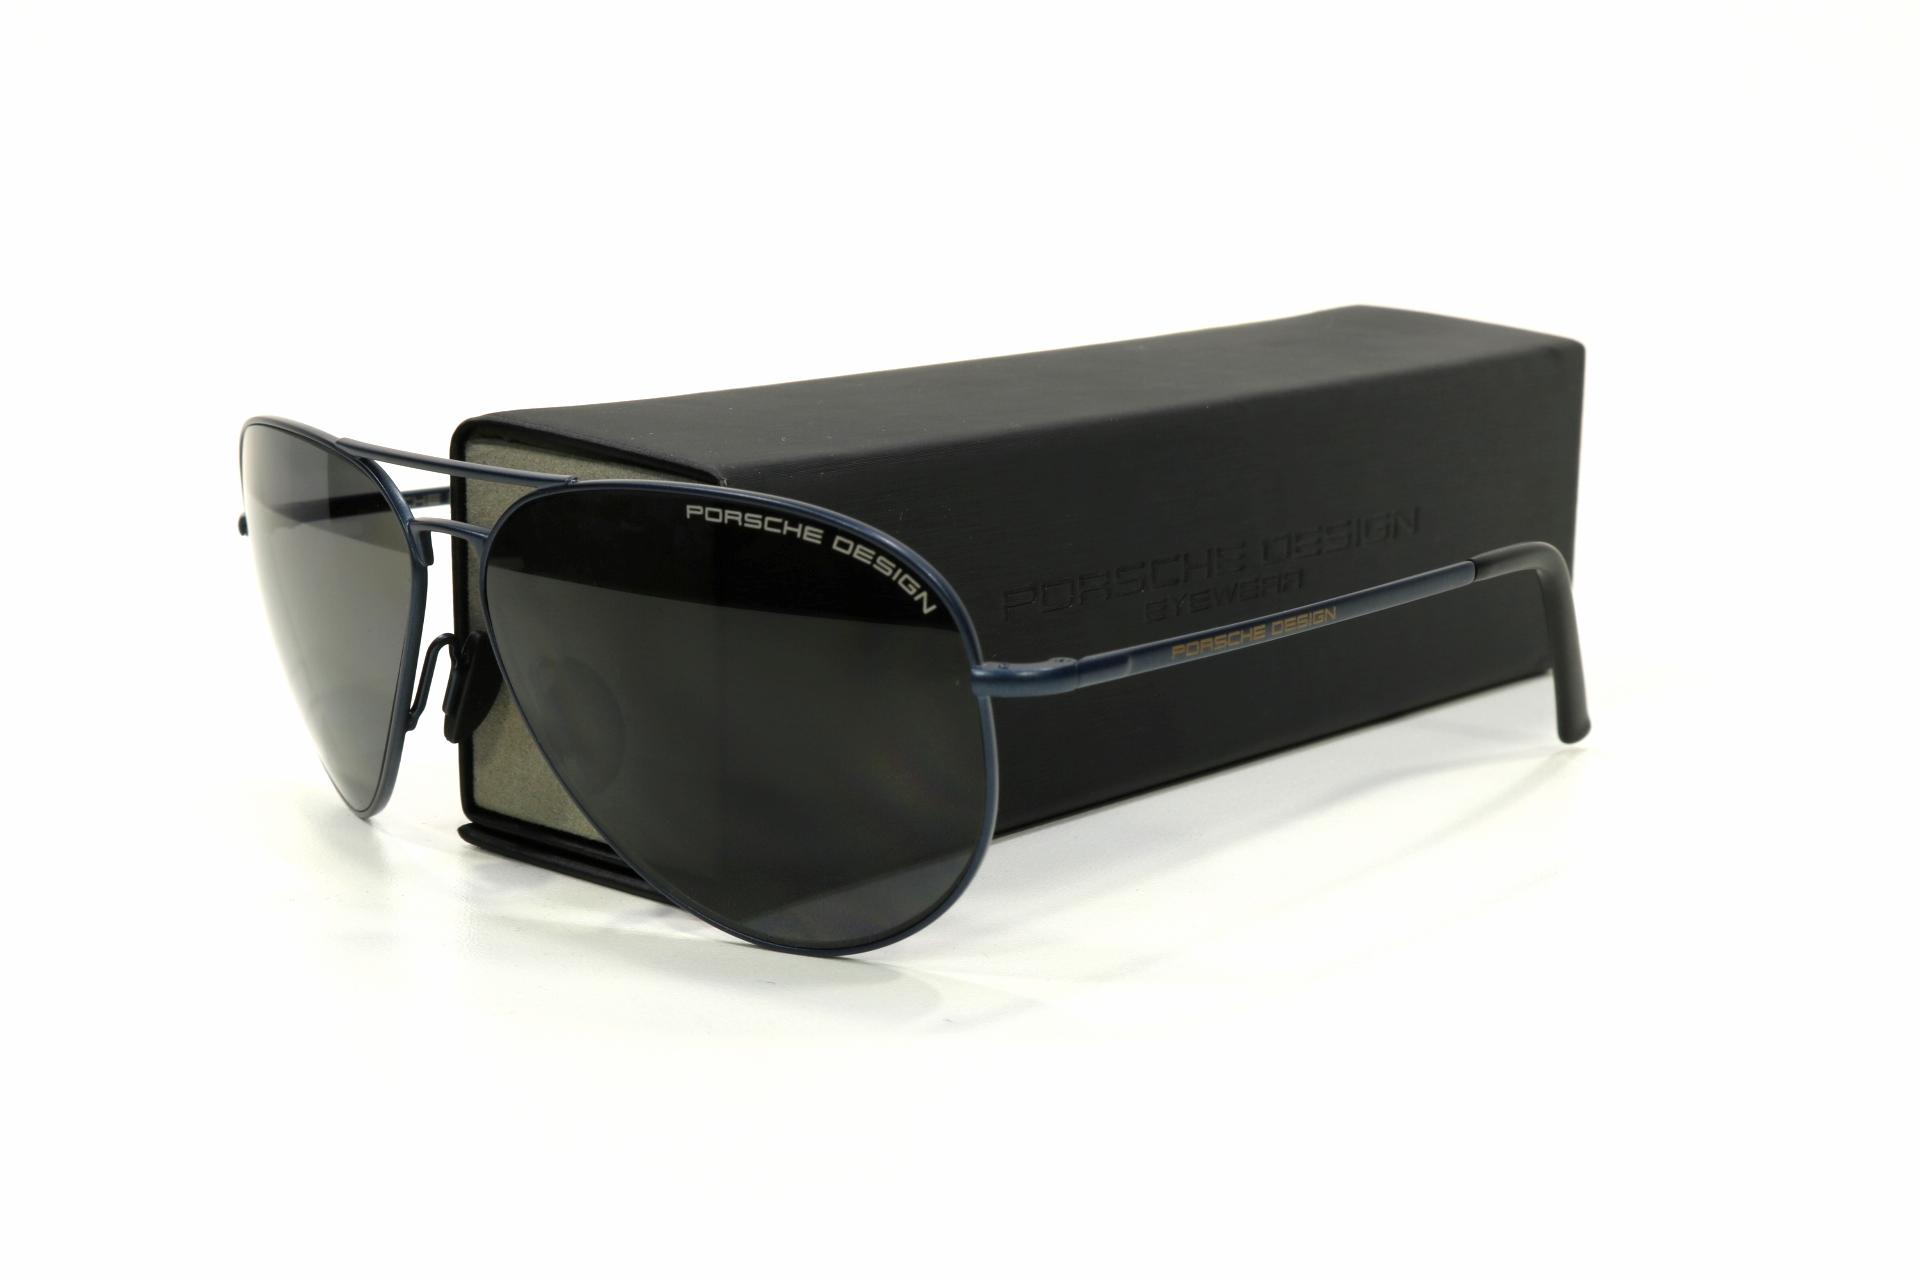 Солнцезащитные очки Porsche Design P8508 N 62 - купить по низкой цене в  интернет-магазине Линзмастер. 2c16f70ba482a